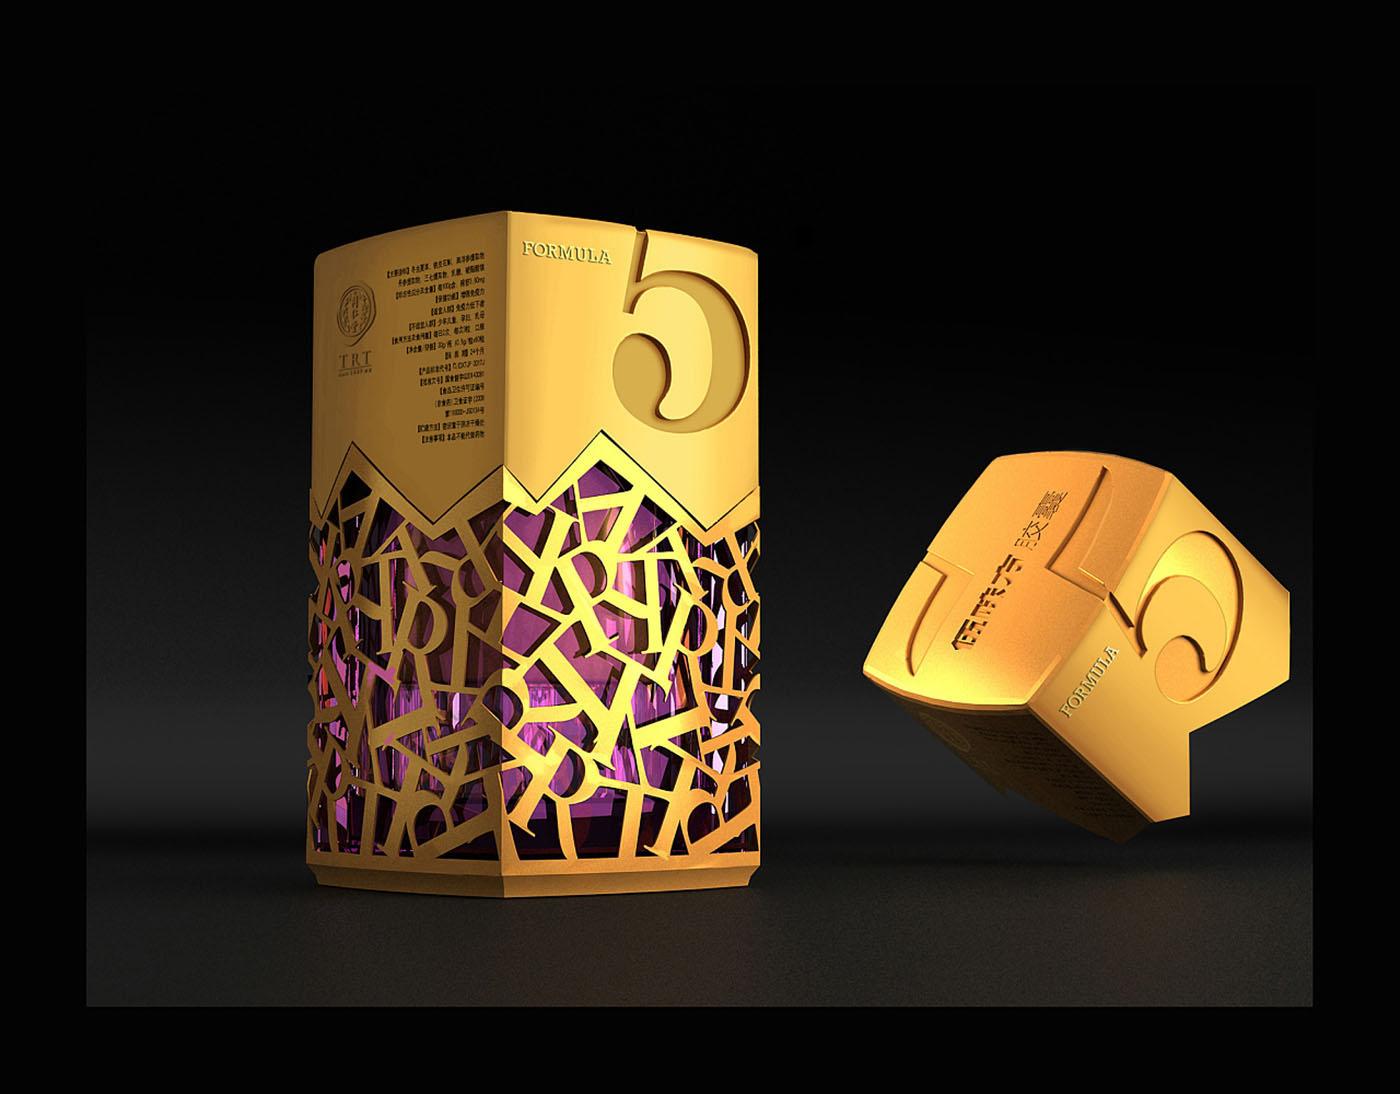 高端收藏款保健品包装设计-限量款保健品包装设计